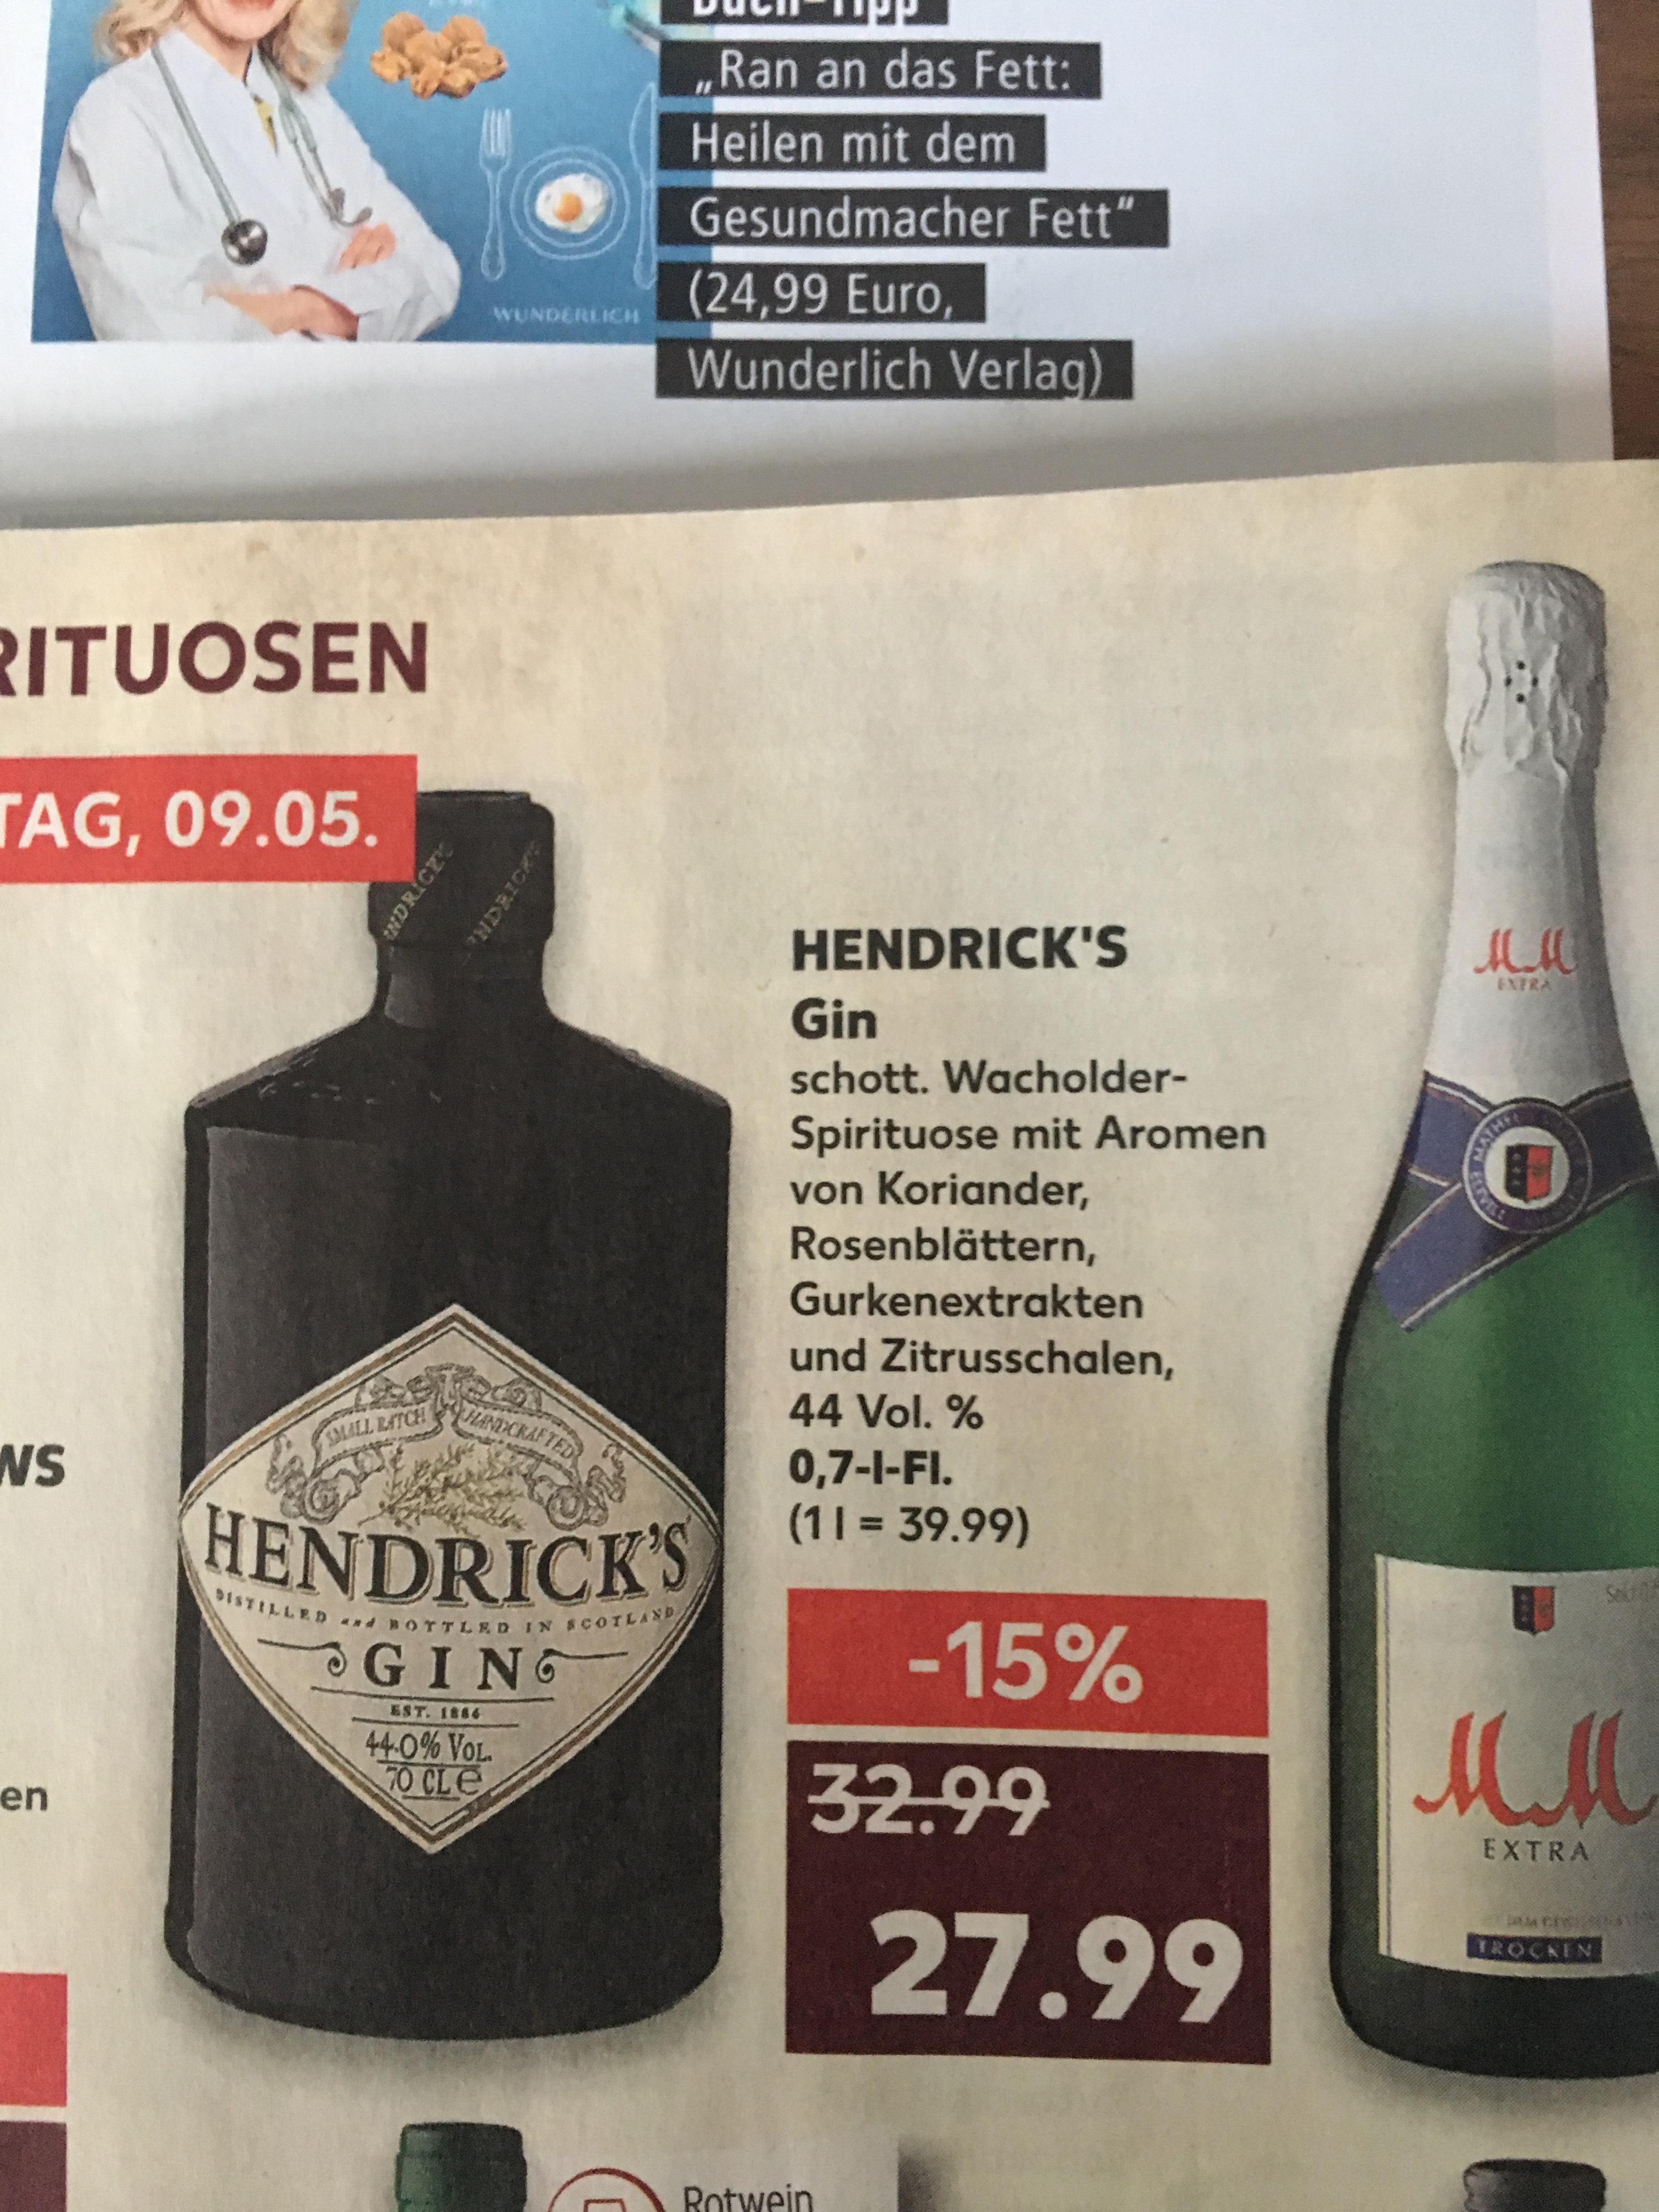 Hendrick's Gin bei Kaufland